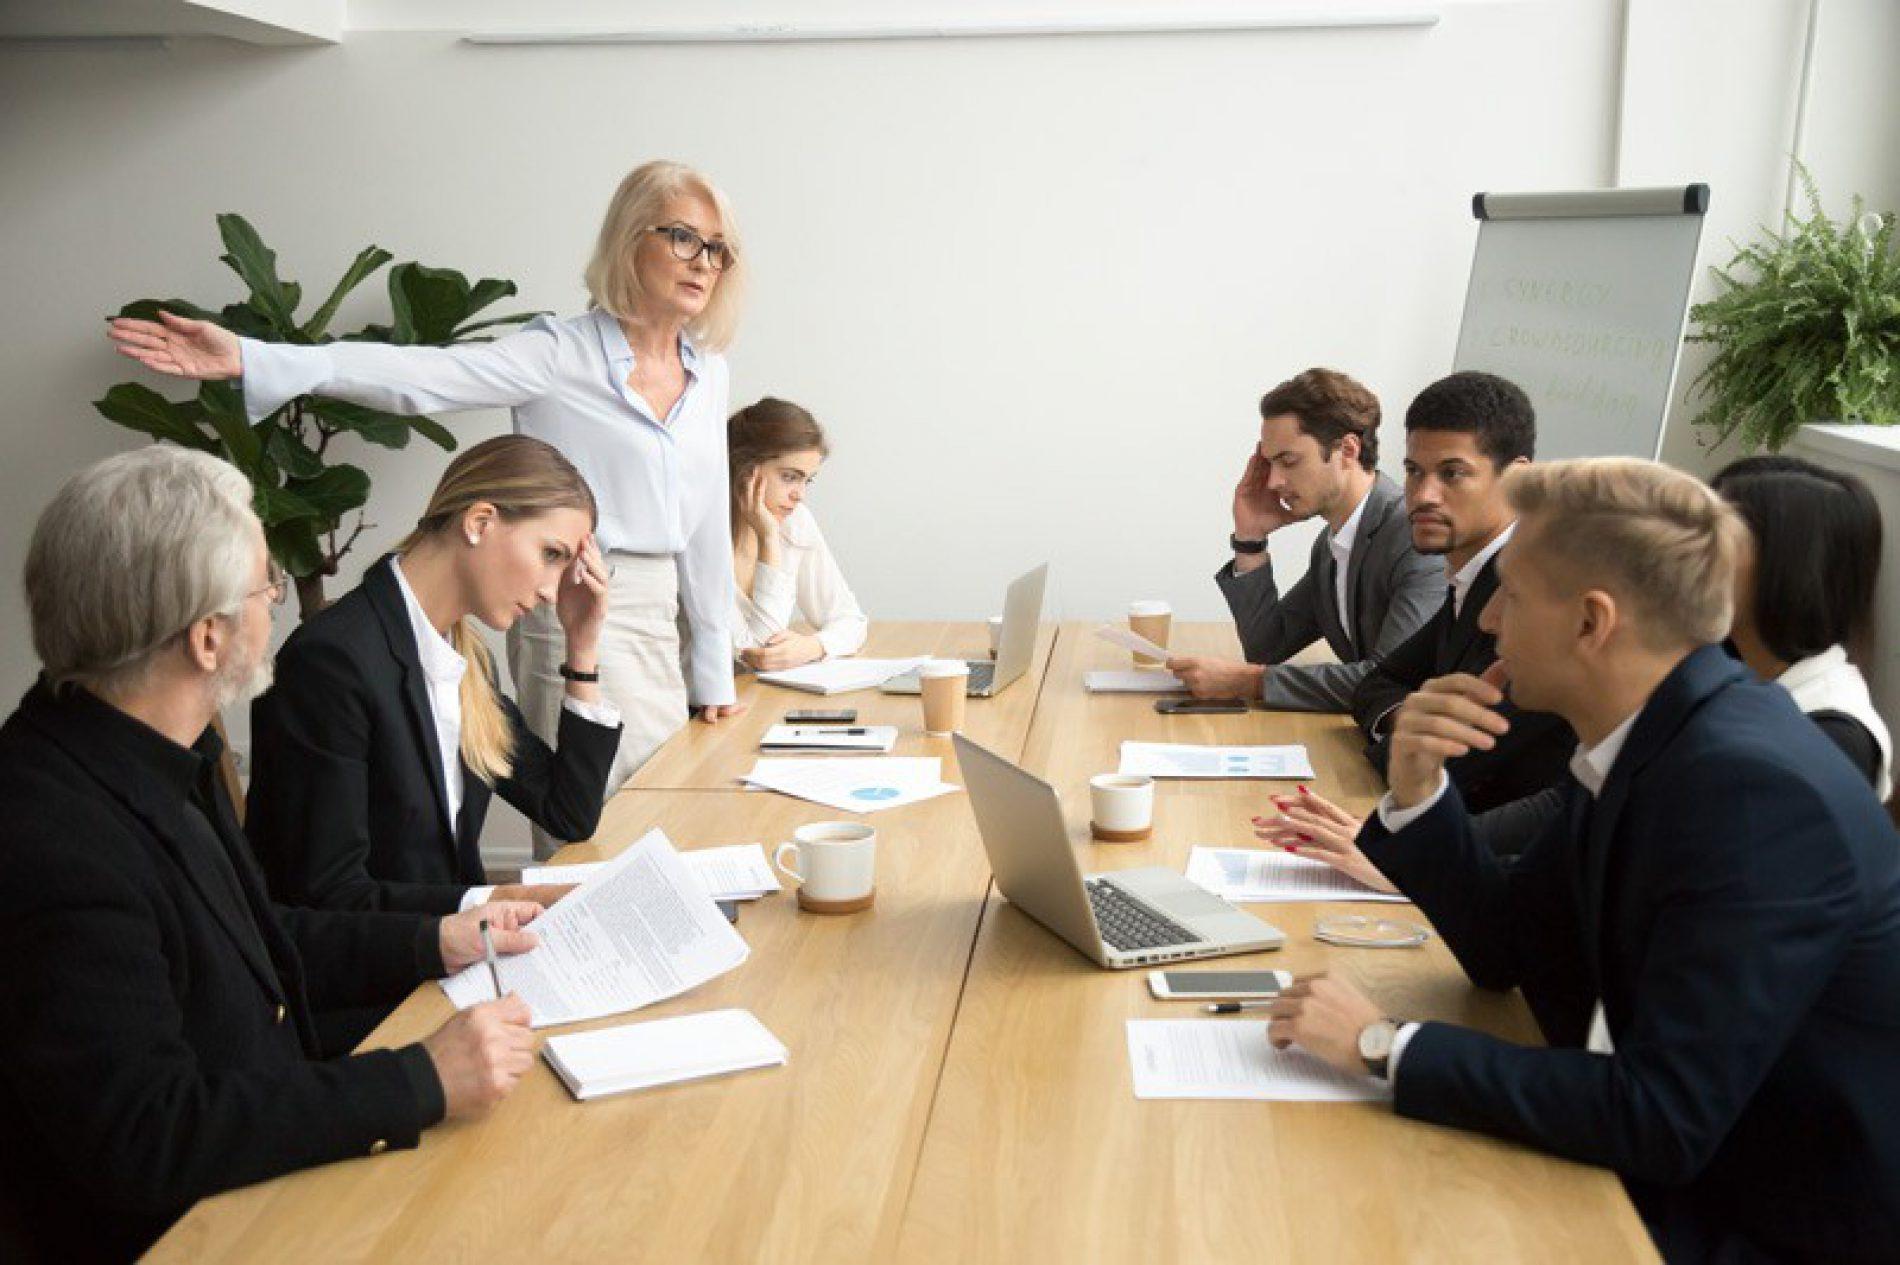 Procedura collettiva di riduzione di personale: vademecum sulle questioni principali [E. MASSI]